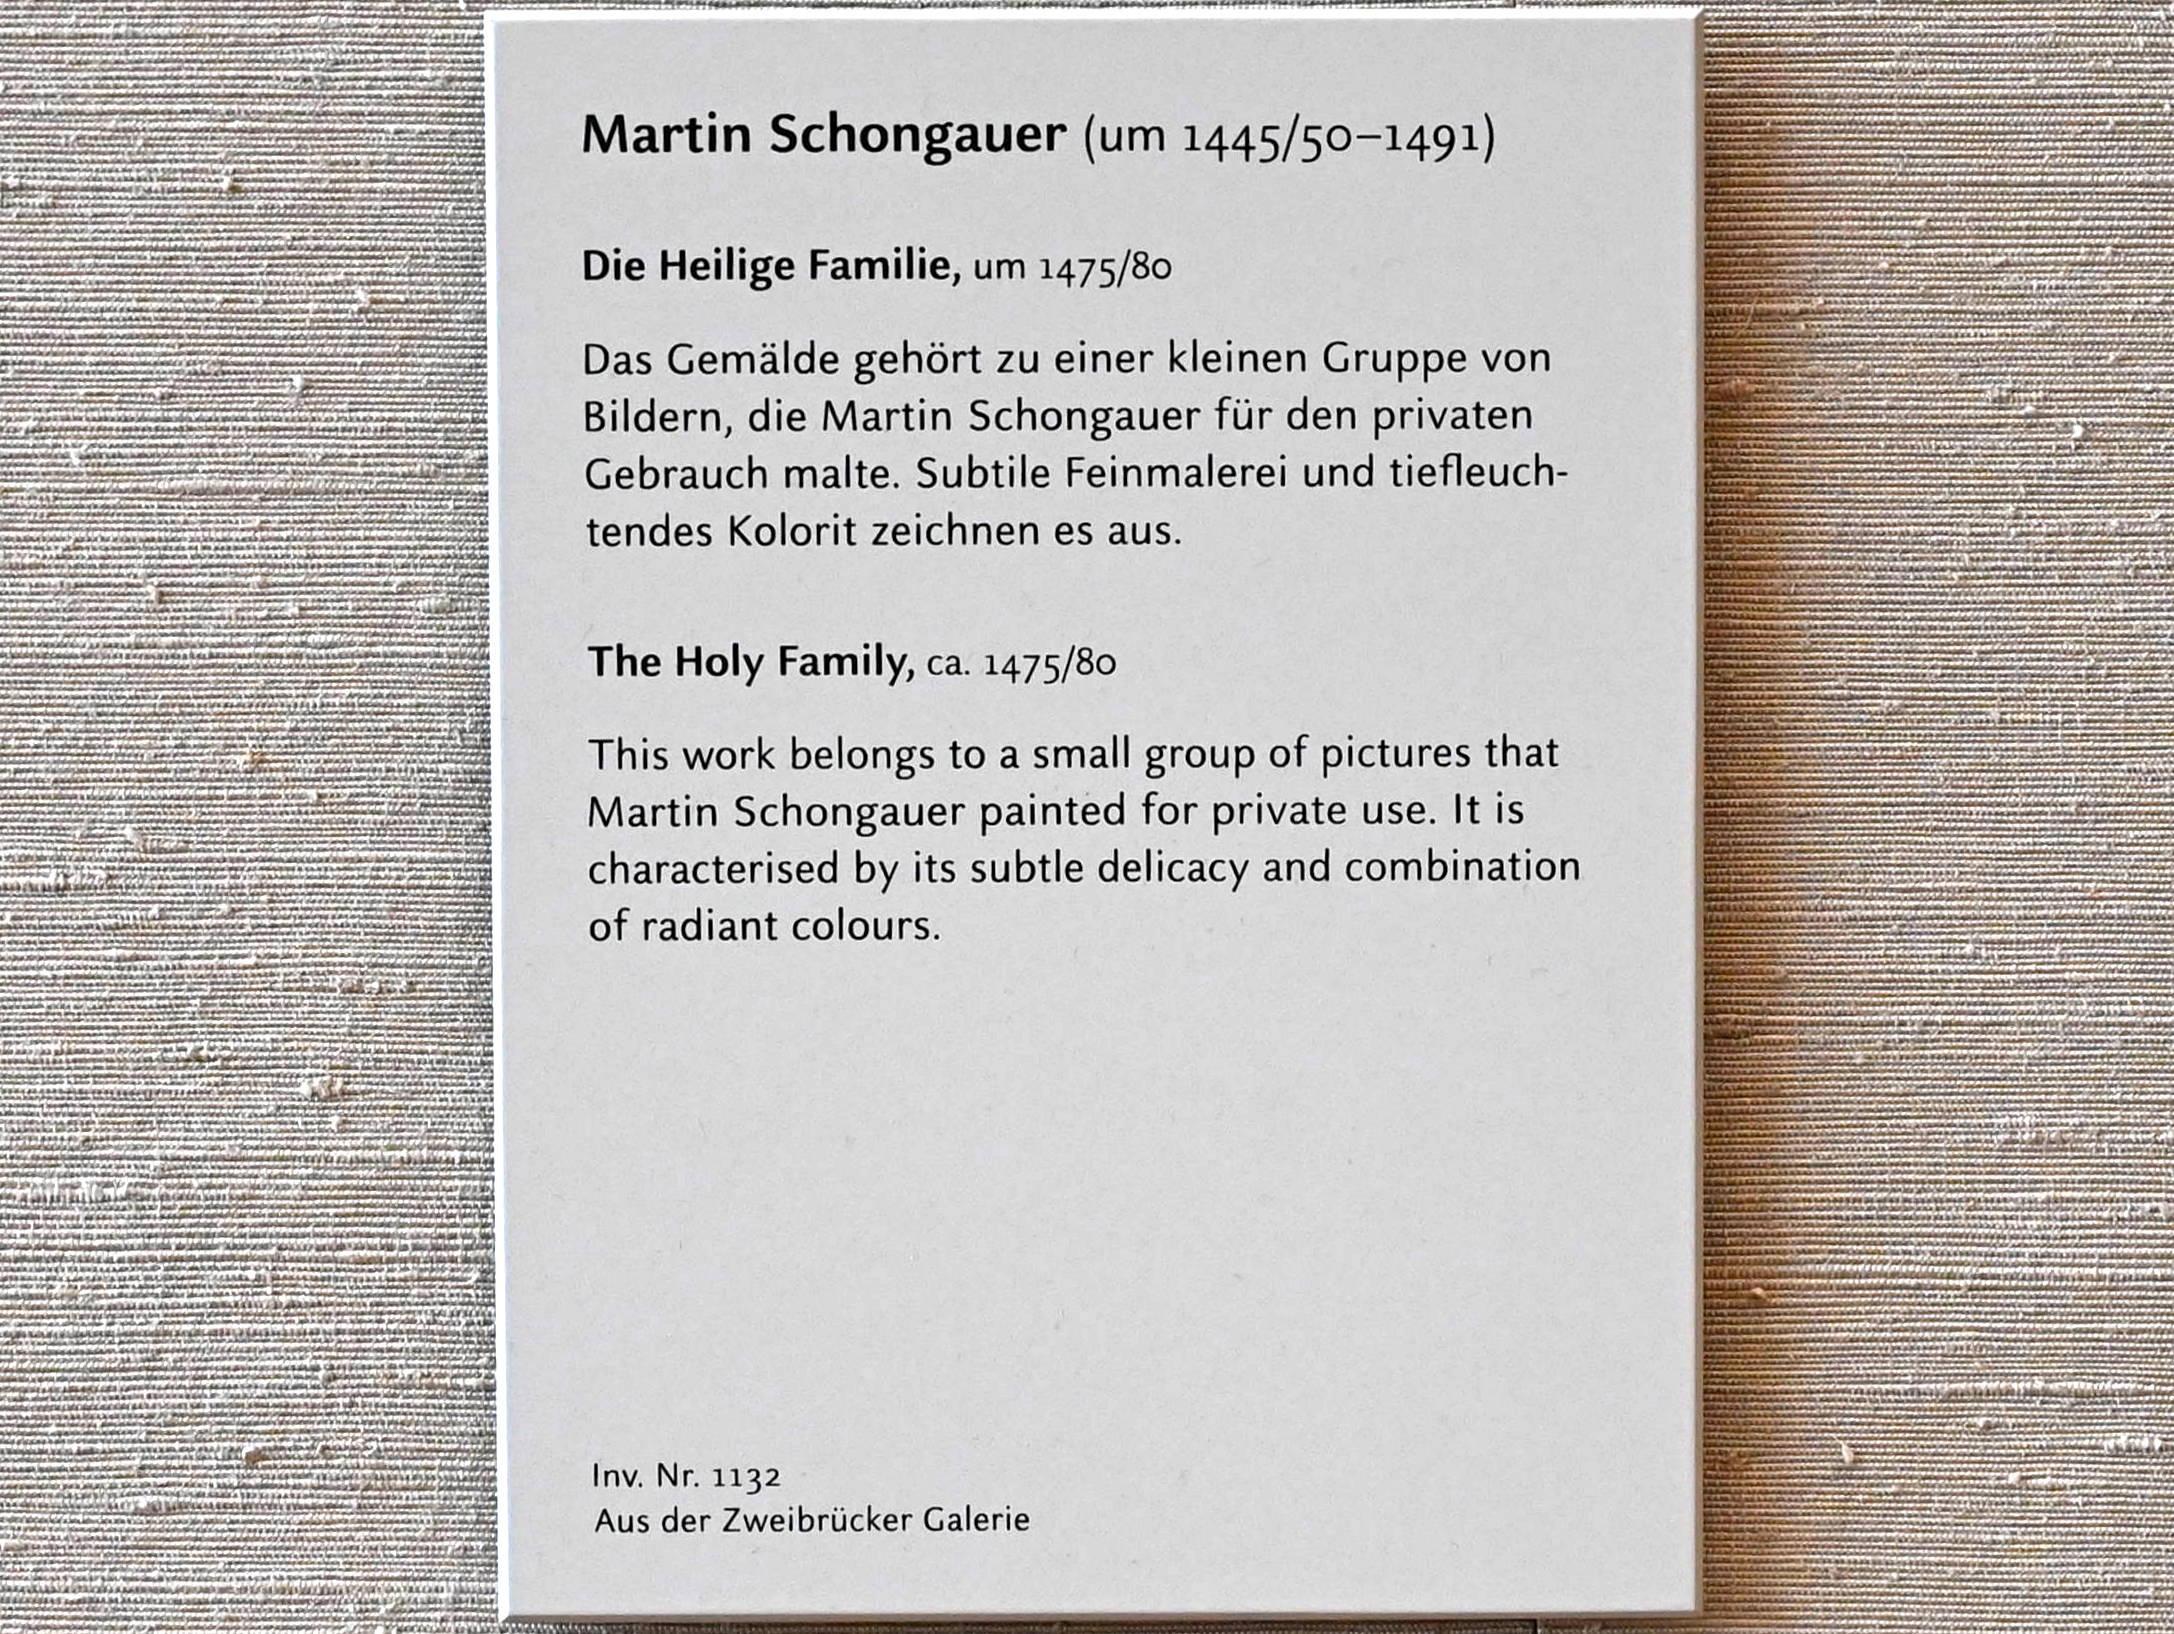 Martin Schongauer: Die Heilige Familie, um 1475 - 1480, Bild 2/2